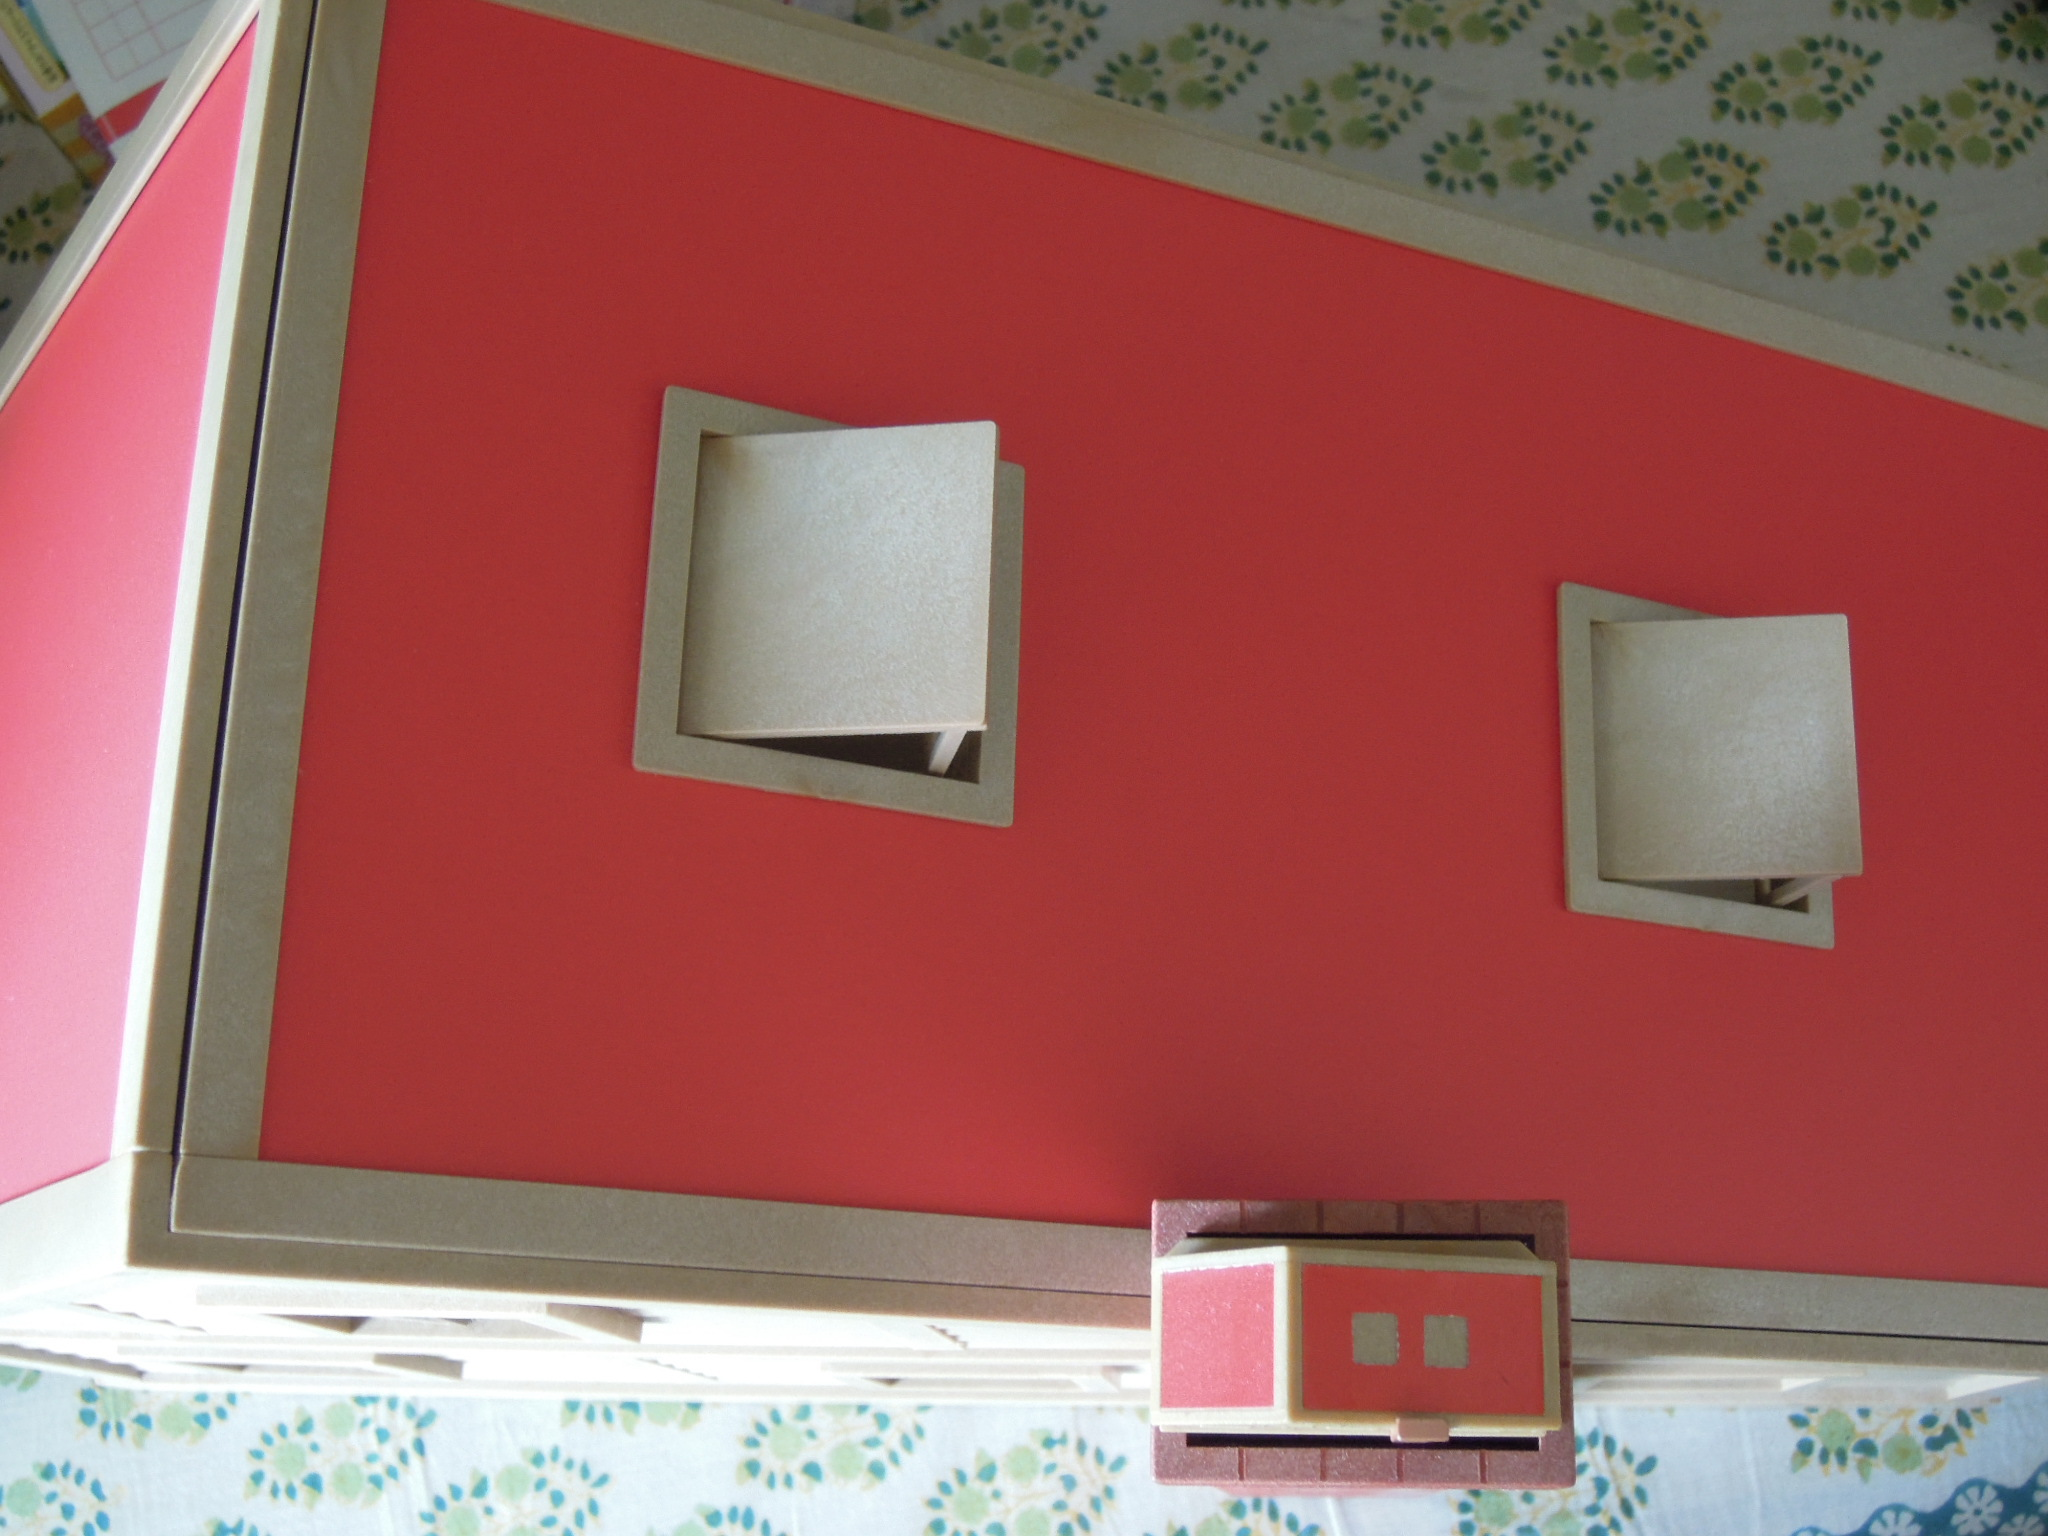 【シルバニア】シルバニアのミニチュア よくよく見ると!小さな家発見!!どーこだ???